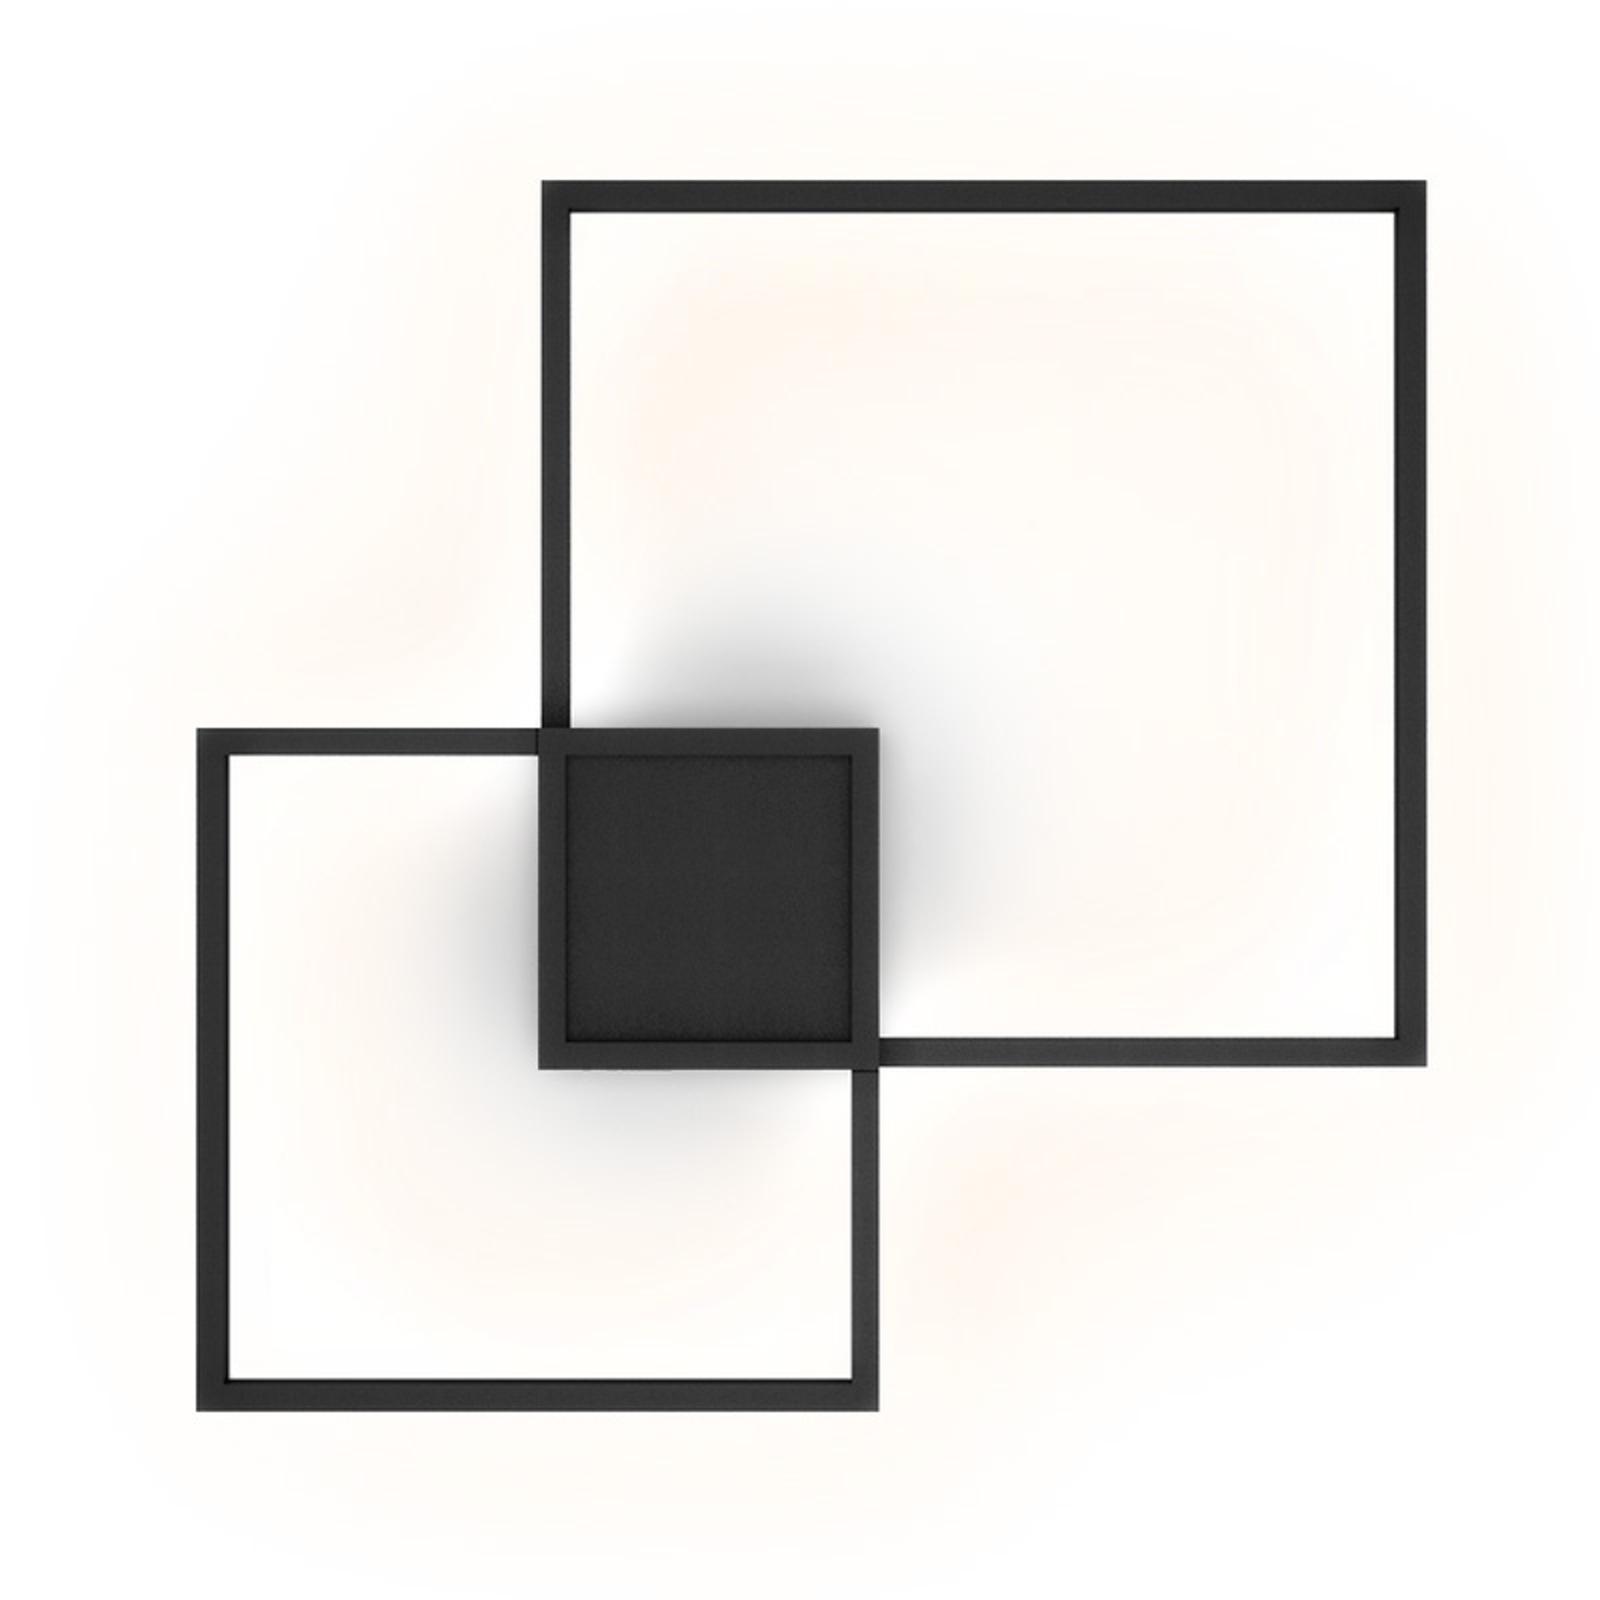 WEVER & DUCRÉ Venn 1.0 plafond 38W 2.700K zwart